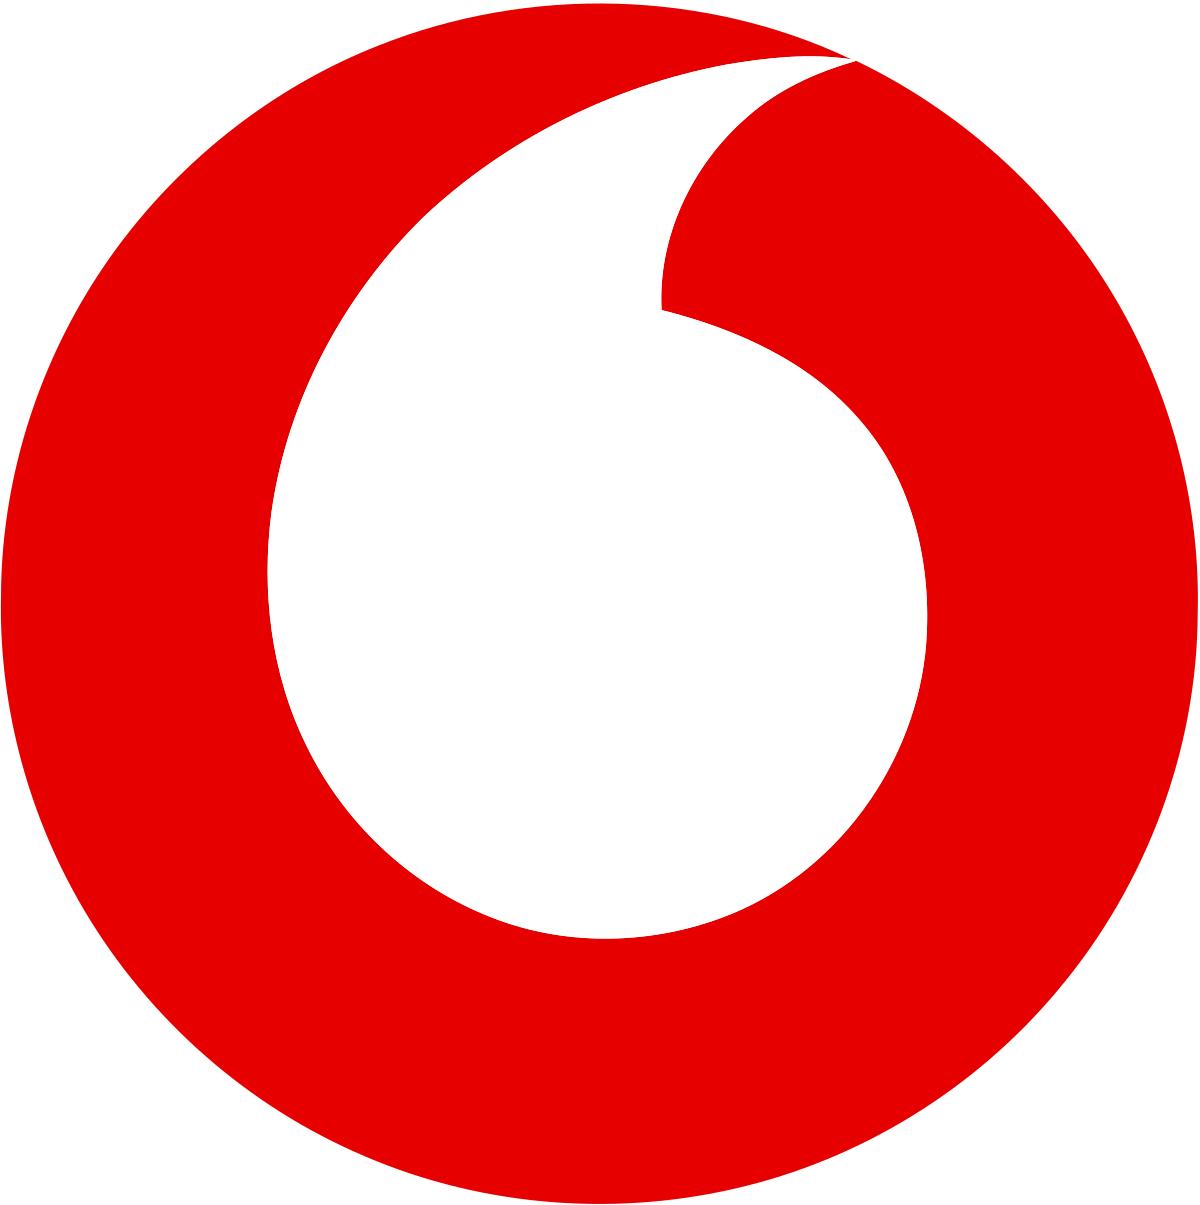 Check24: 189,76 € bei Rufnummernmitnahme Otelo über sparhandy 5GB Tel und SMS flat für eff. 7,91€ durch 290 Chashback